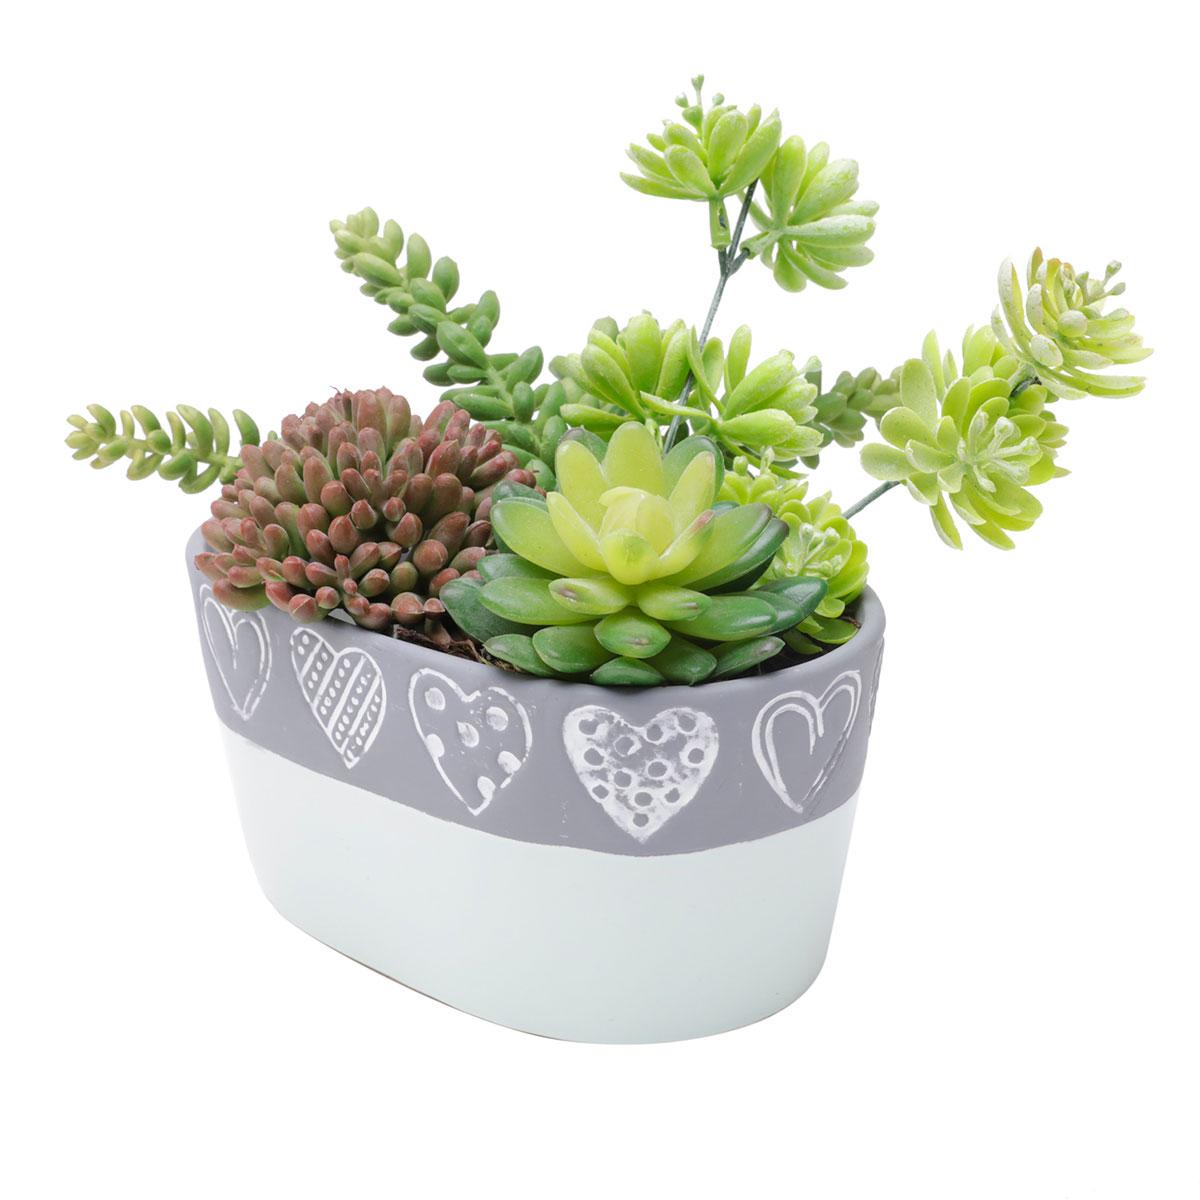 Vaso Concreto Oval Decorativo Coração Verde e Cinza - Presente Super